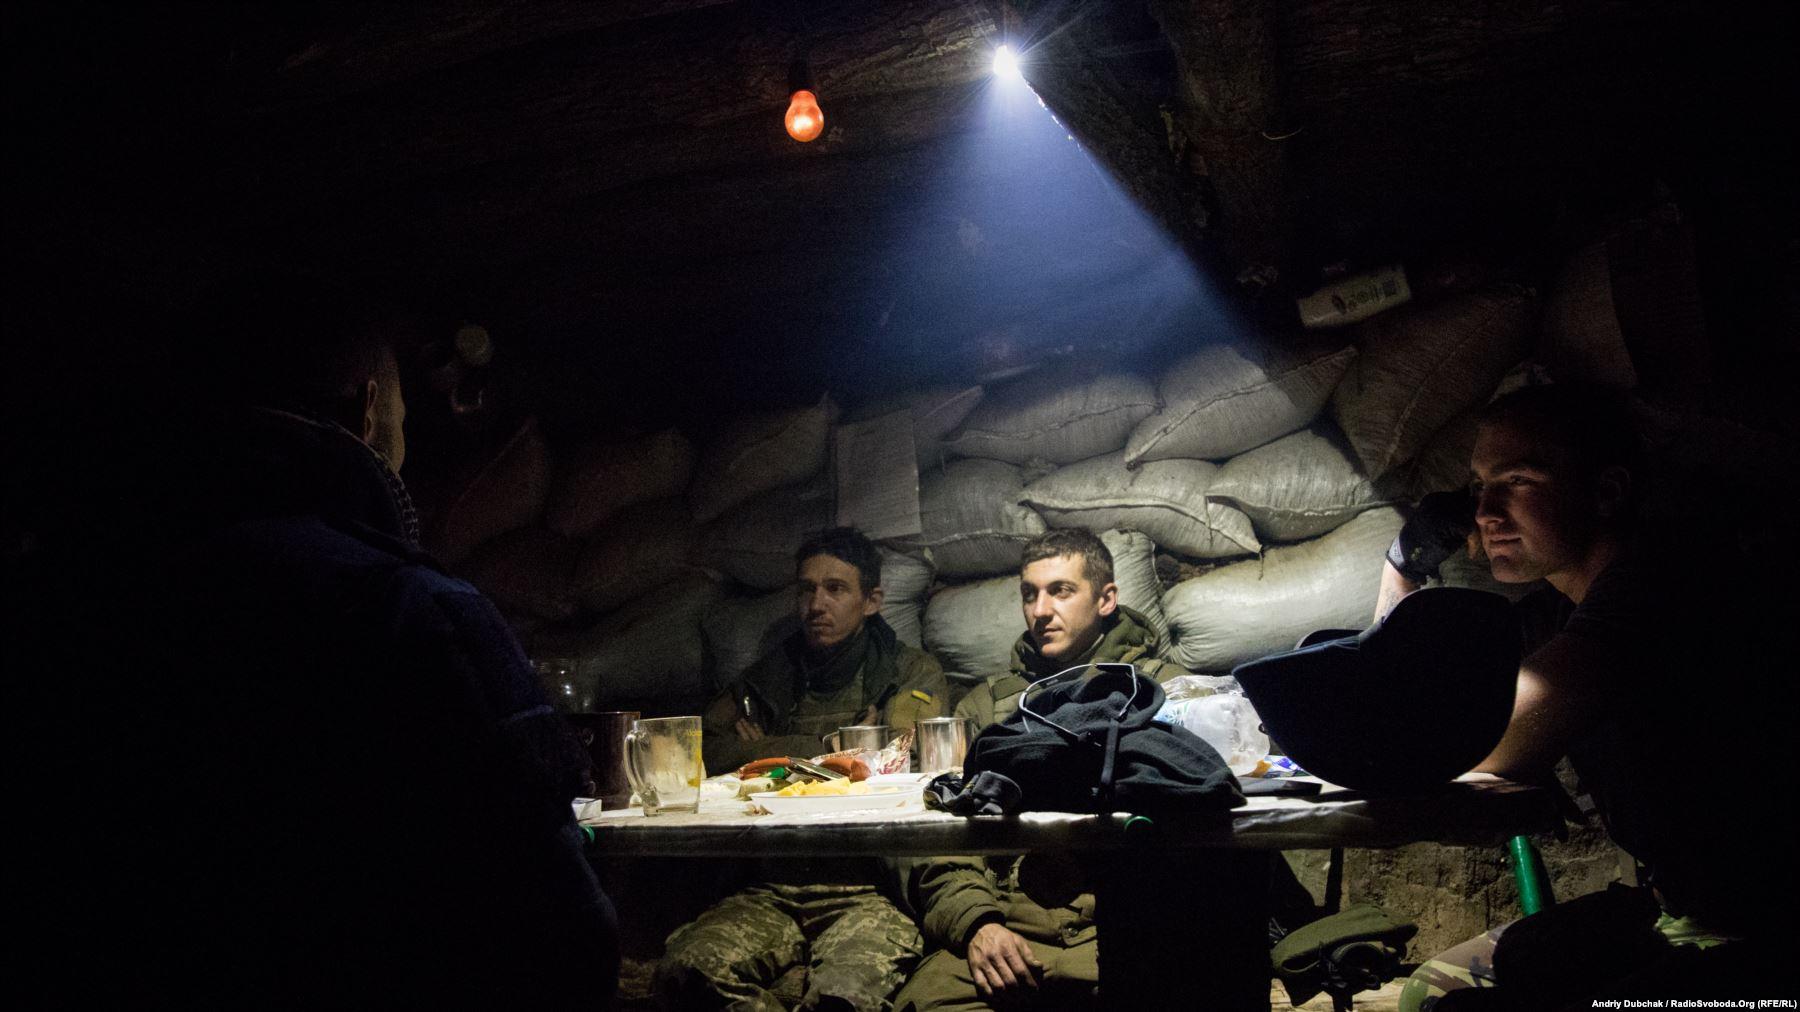 Вечеря під час бою. Українські військові вечеряють у бліндажі на передовій під Попасною, у той час як інші бійці придушували вогонь противника. Фото Андрій Дубчак